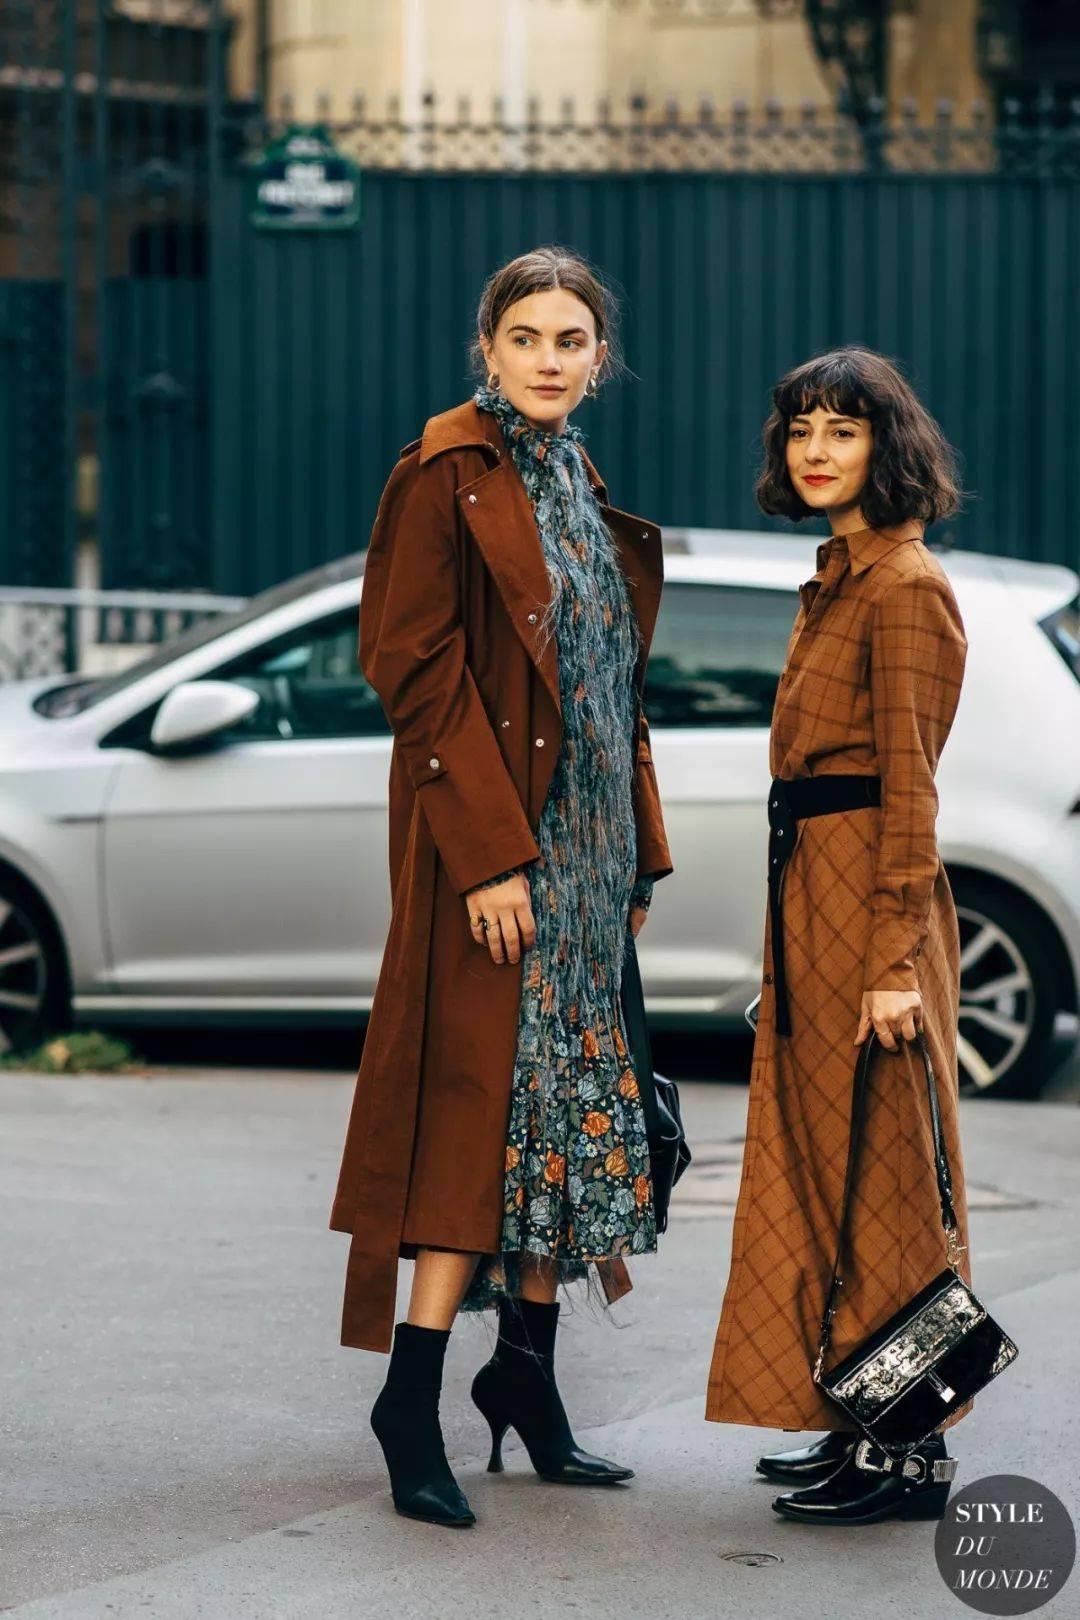 大衣+短靴=最时髦跨年搭配,好看炸了!